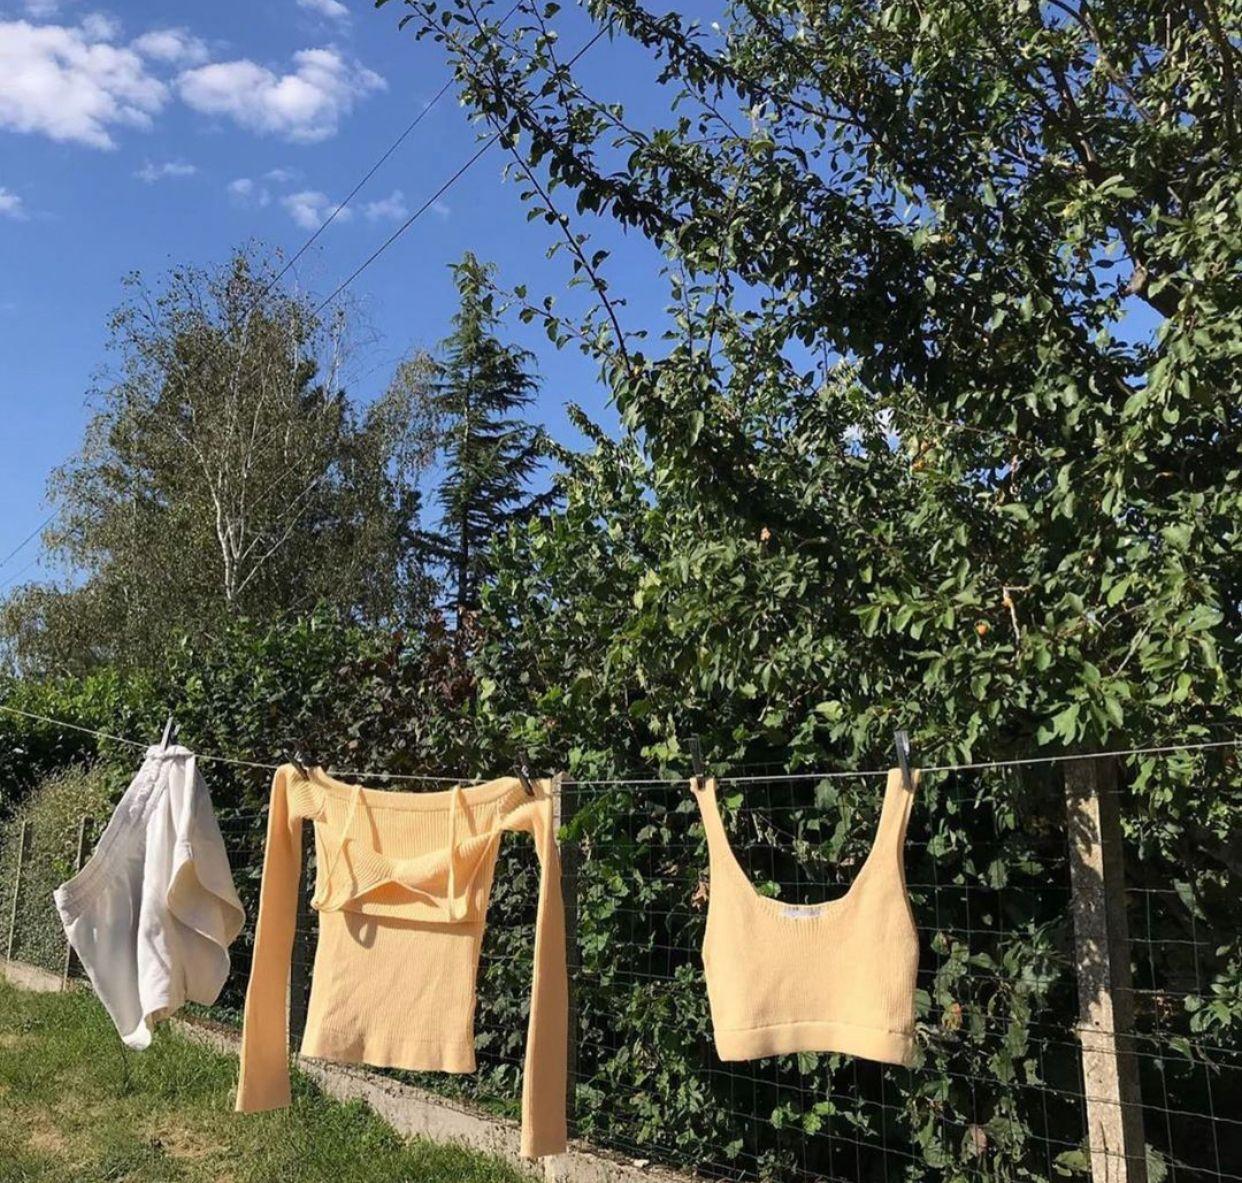 Gelbe Kleidung auf Wäscheleine Natur.jpg